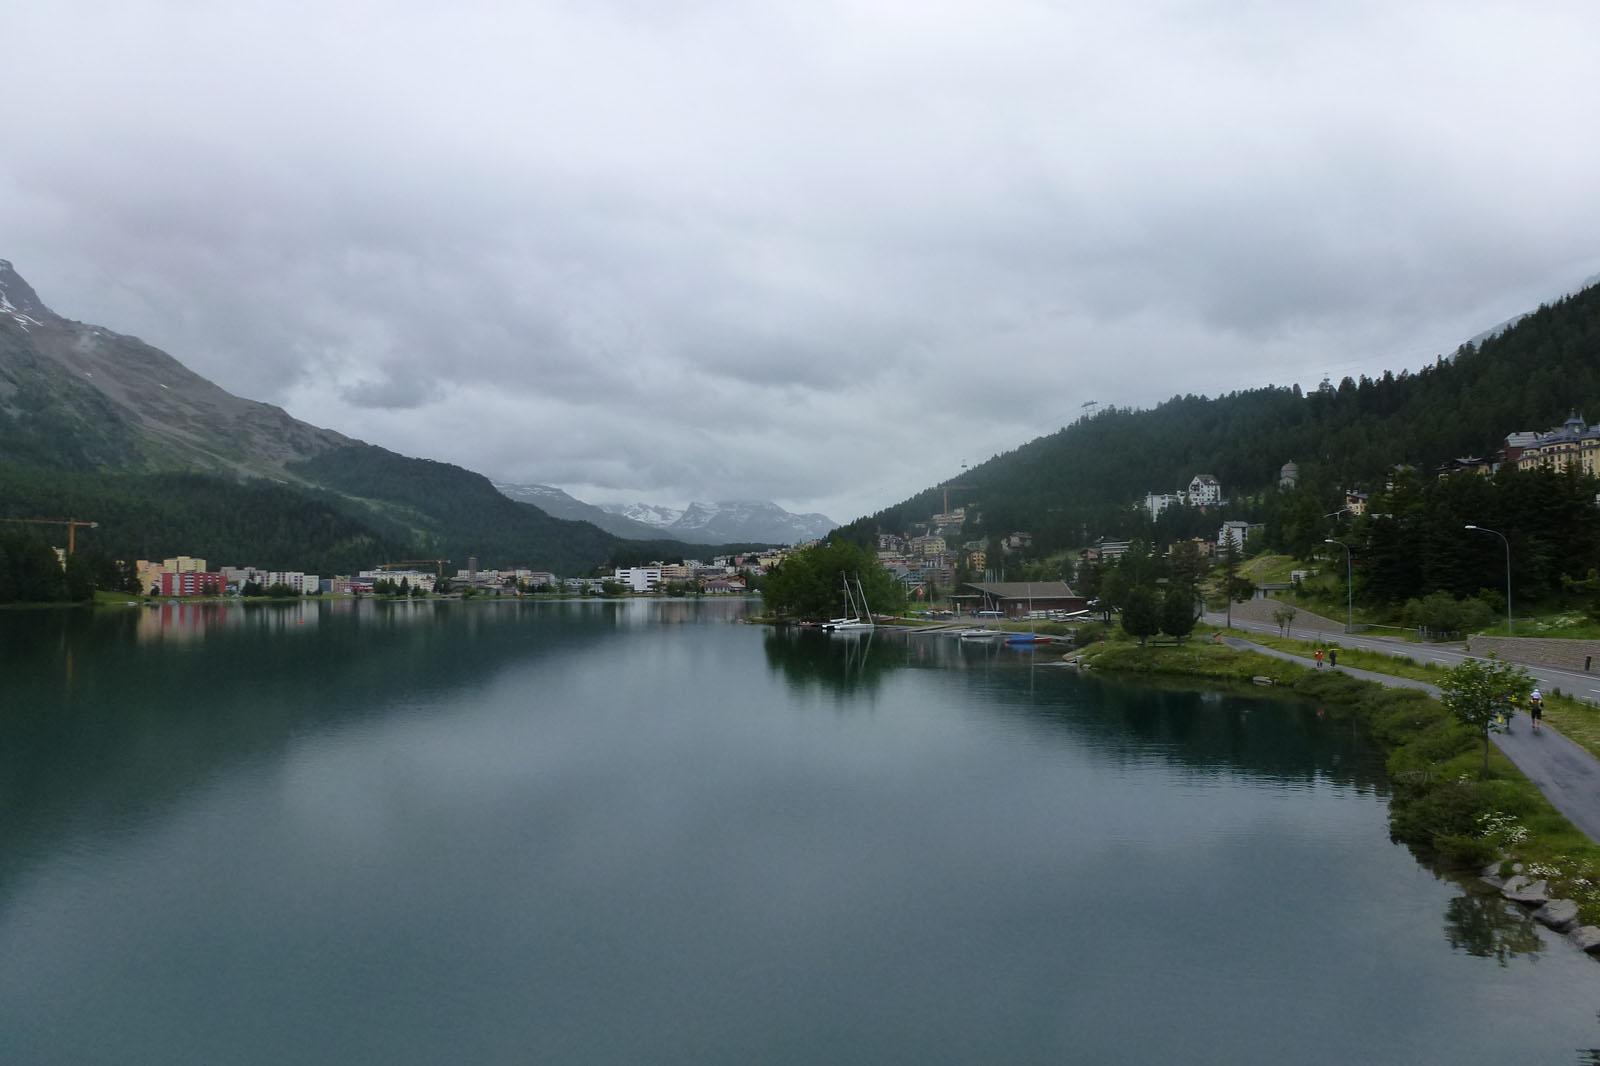 Vistas del lago de St. Moritz